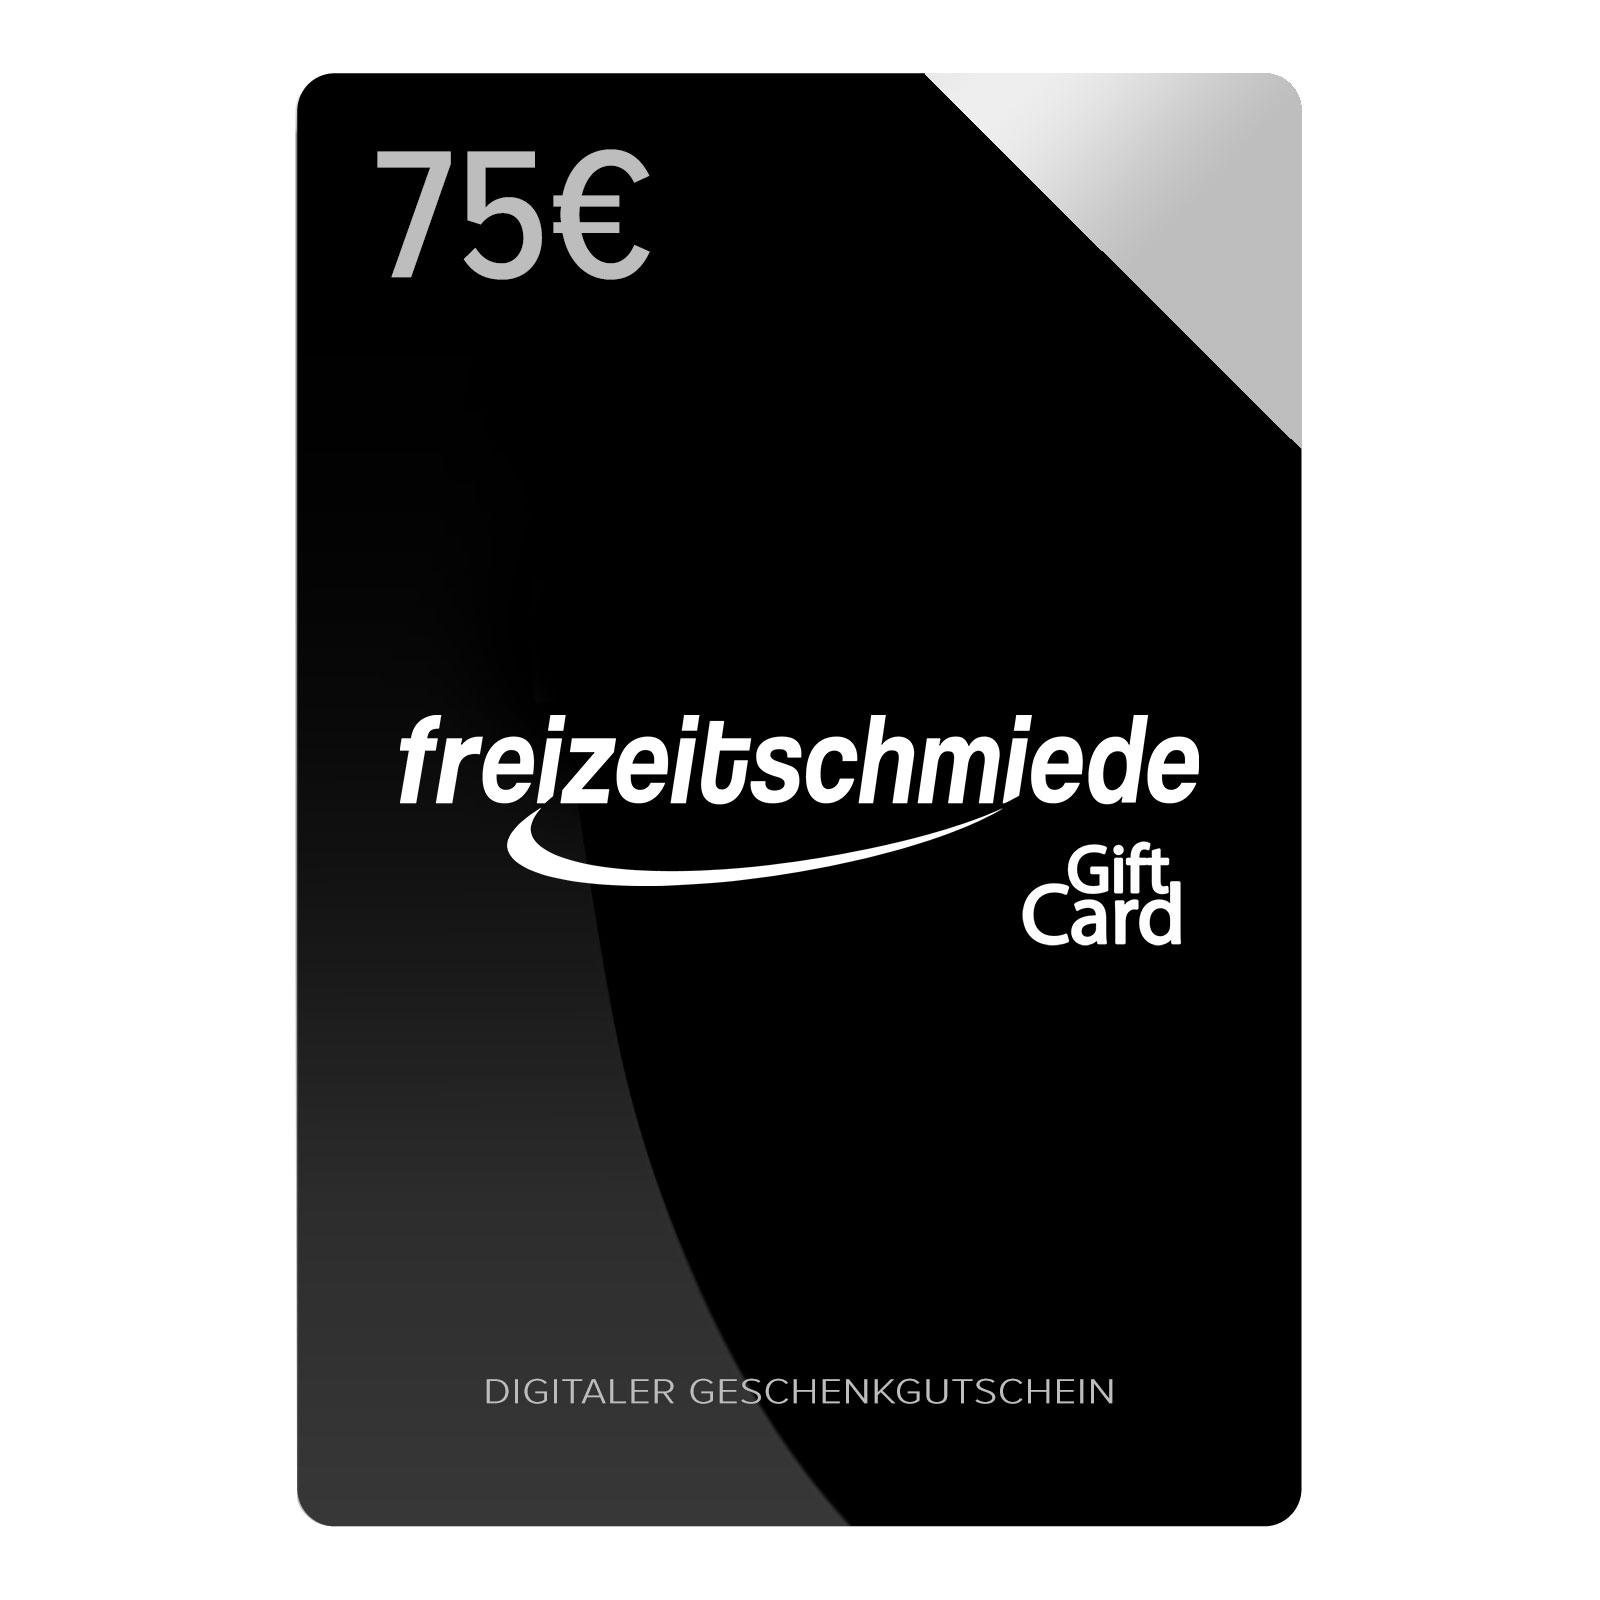 Digitaler Geschenkgutschein im Wert von 75 EUR